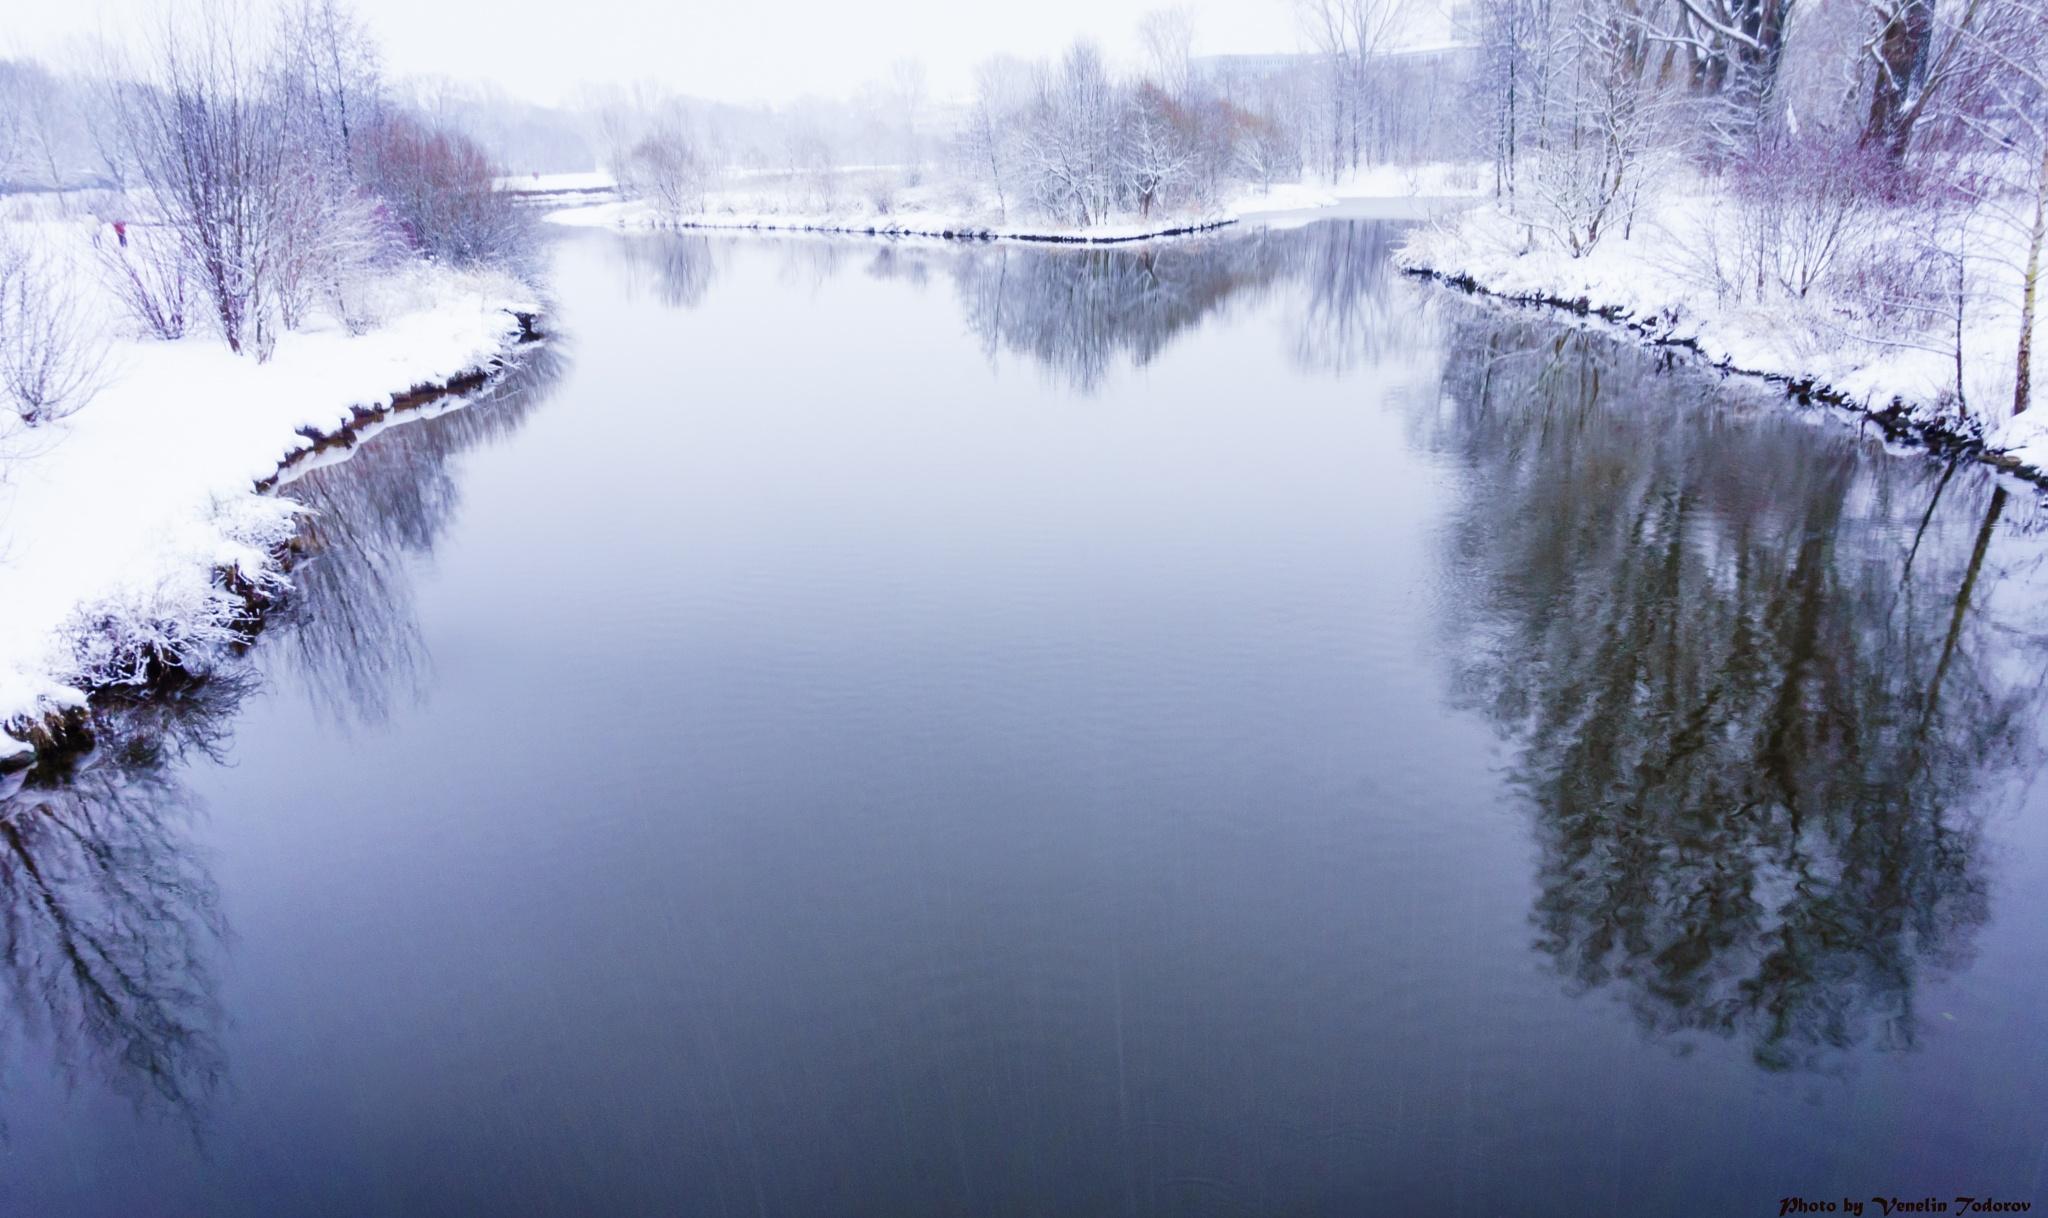 Winter river by Venelin Todorov